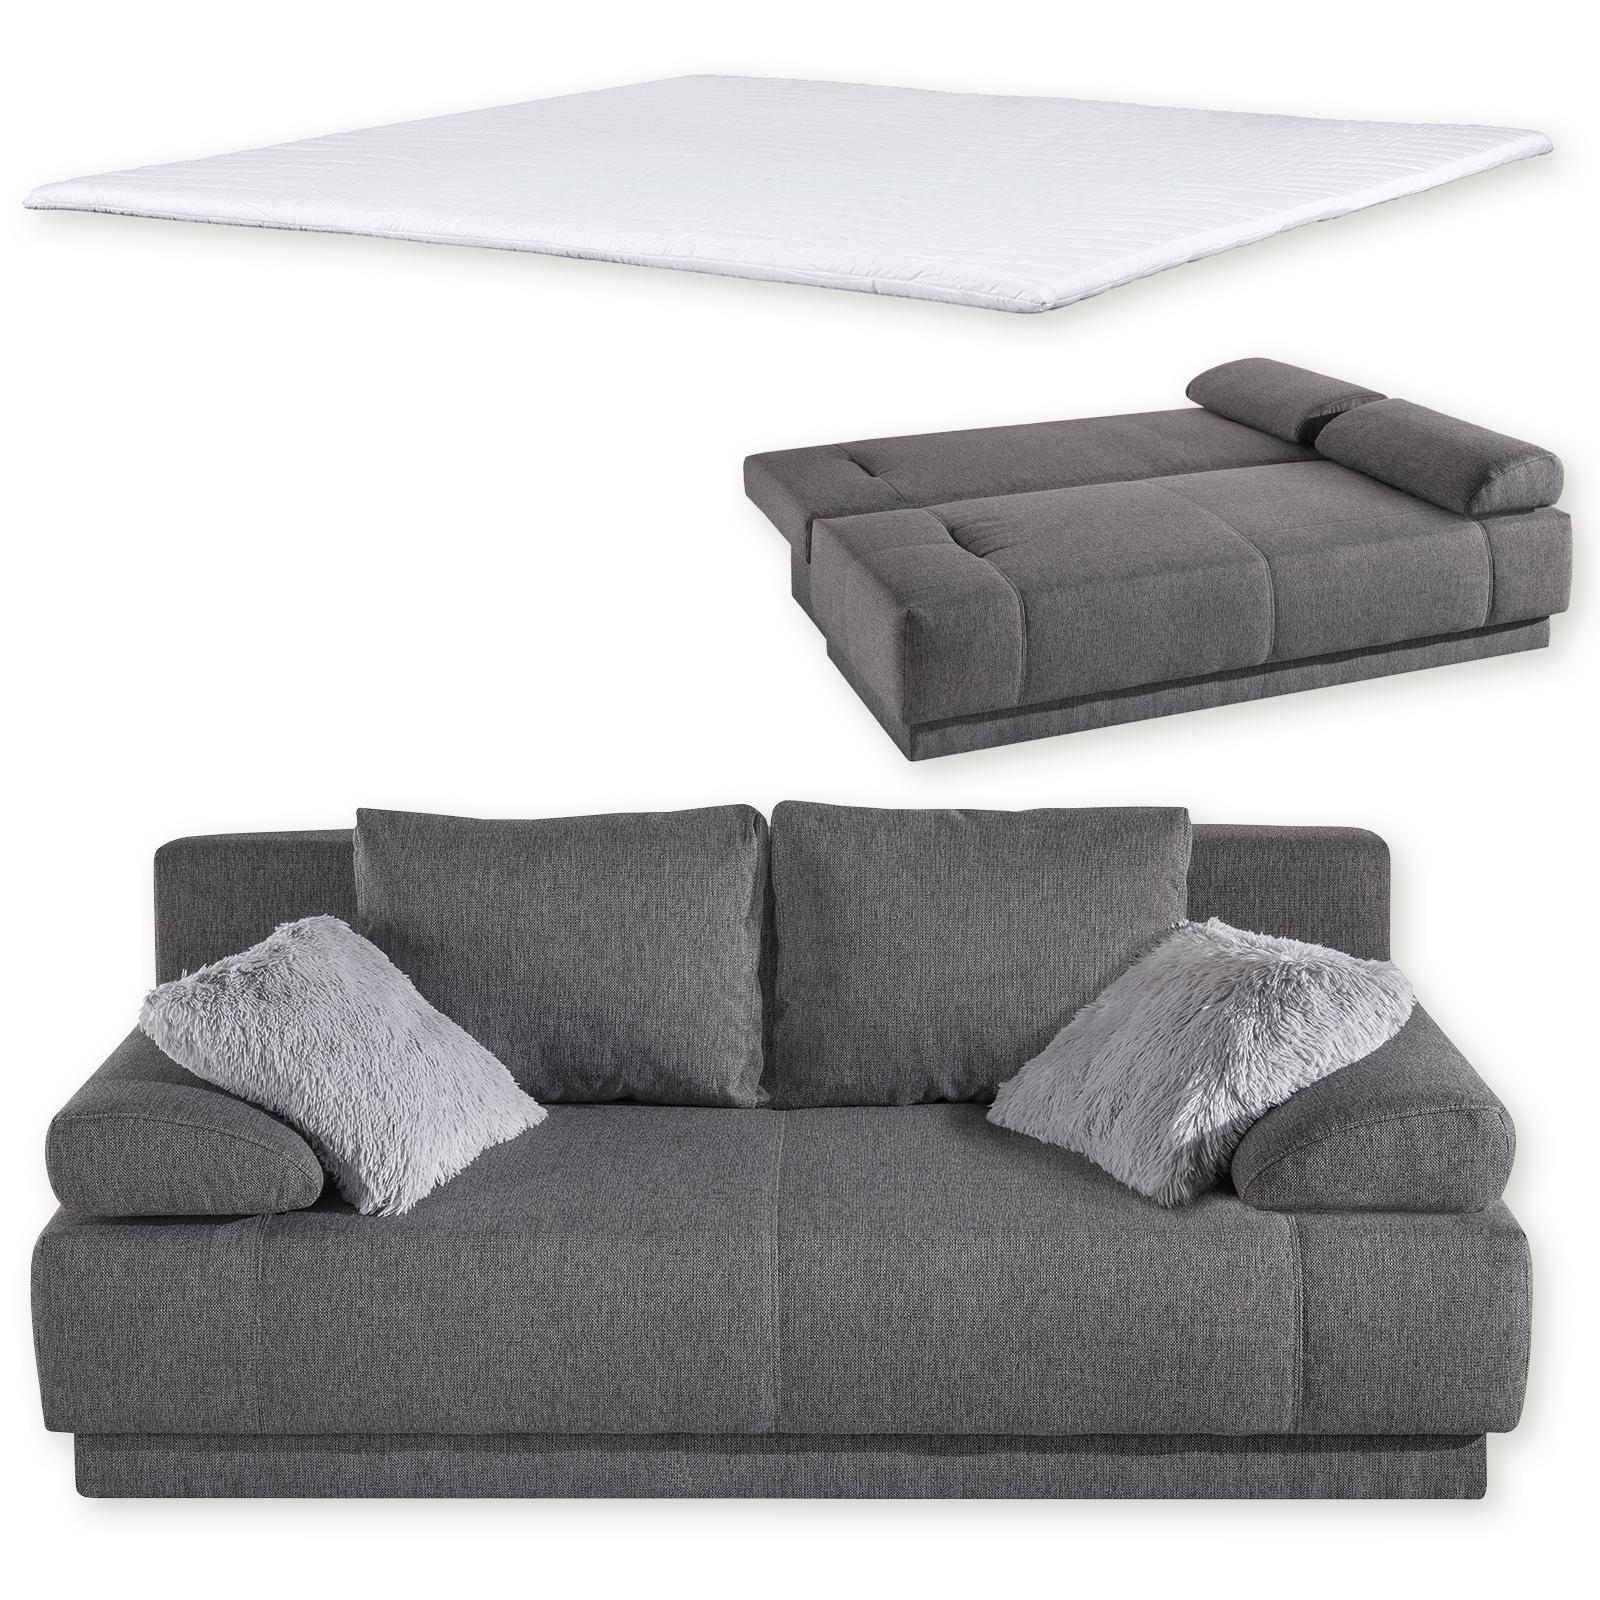 Schlafcouch Roller Couch Ausziehbare Sitzflache Schlafcouch